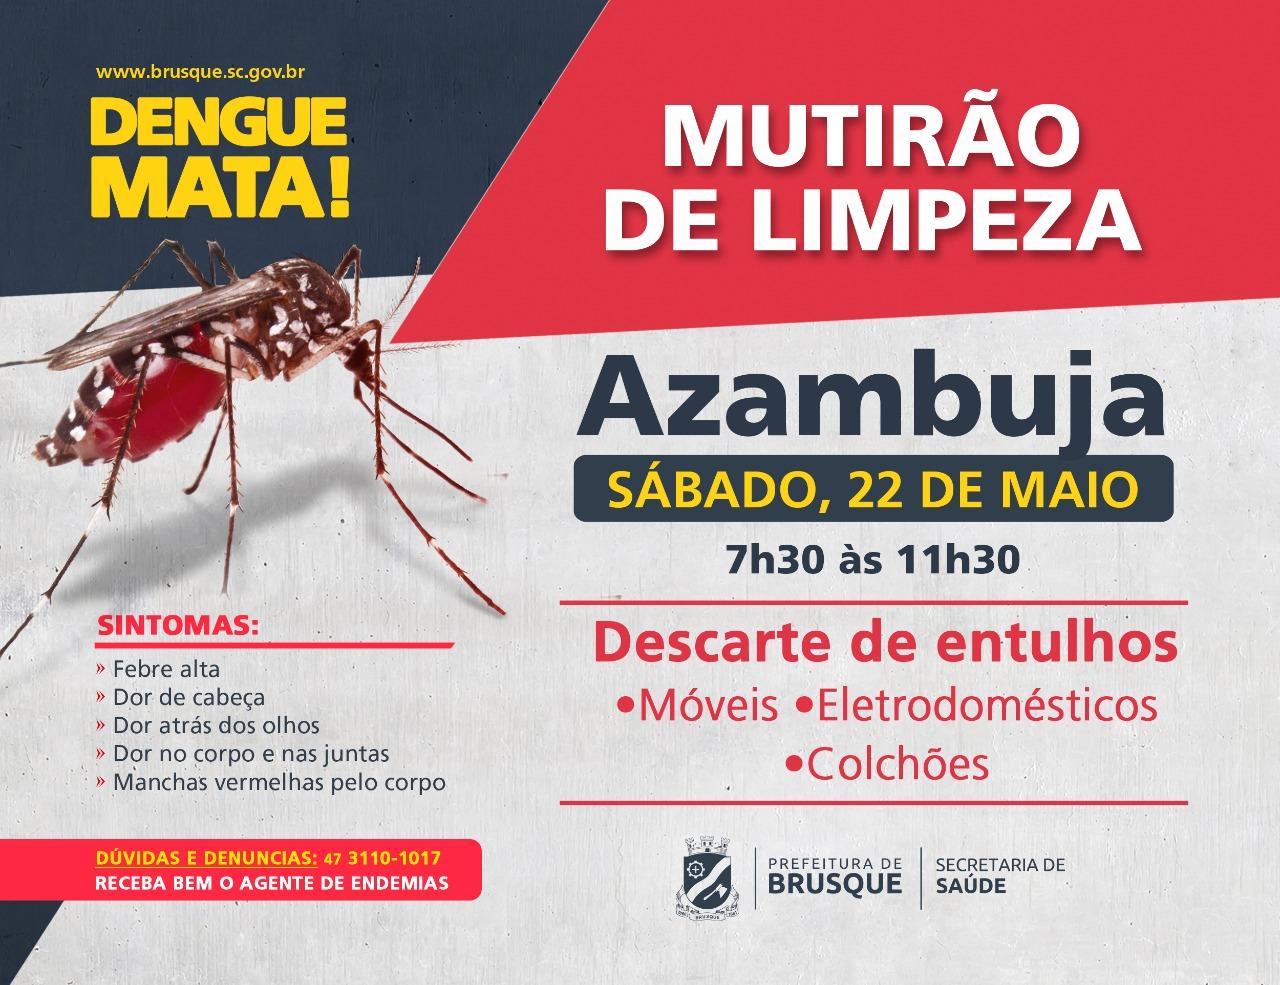 Combate à Dengue: Azambuja recebe mutirão de limpeza neste sábado